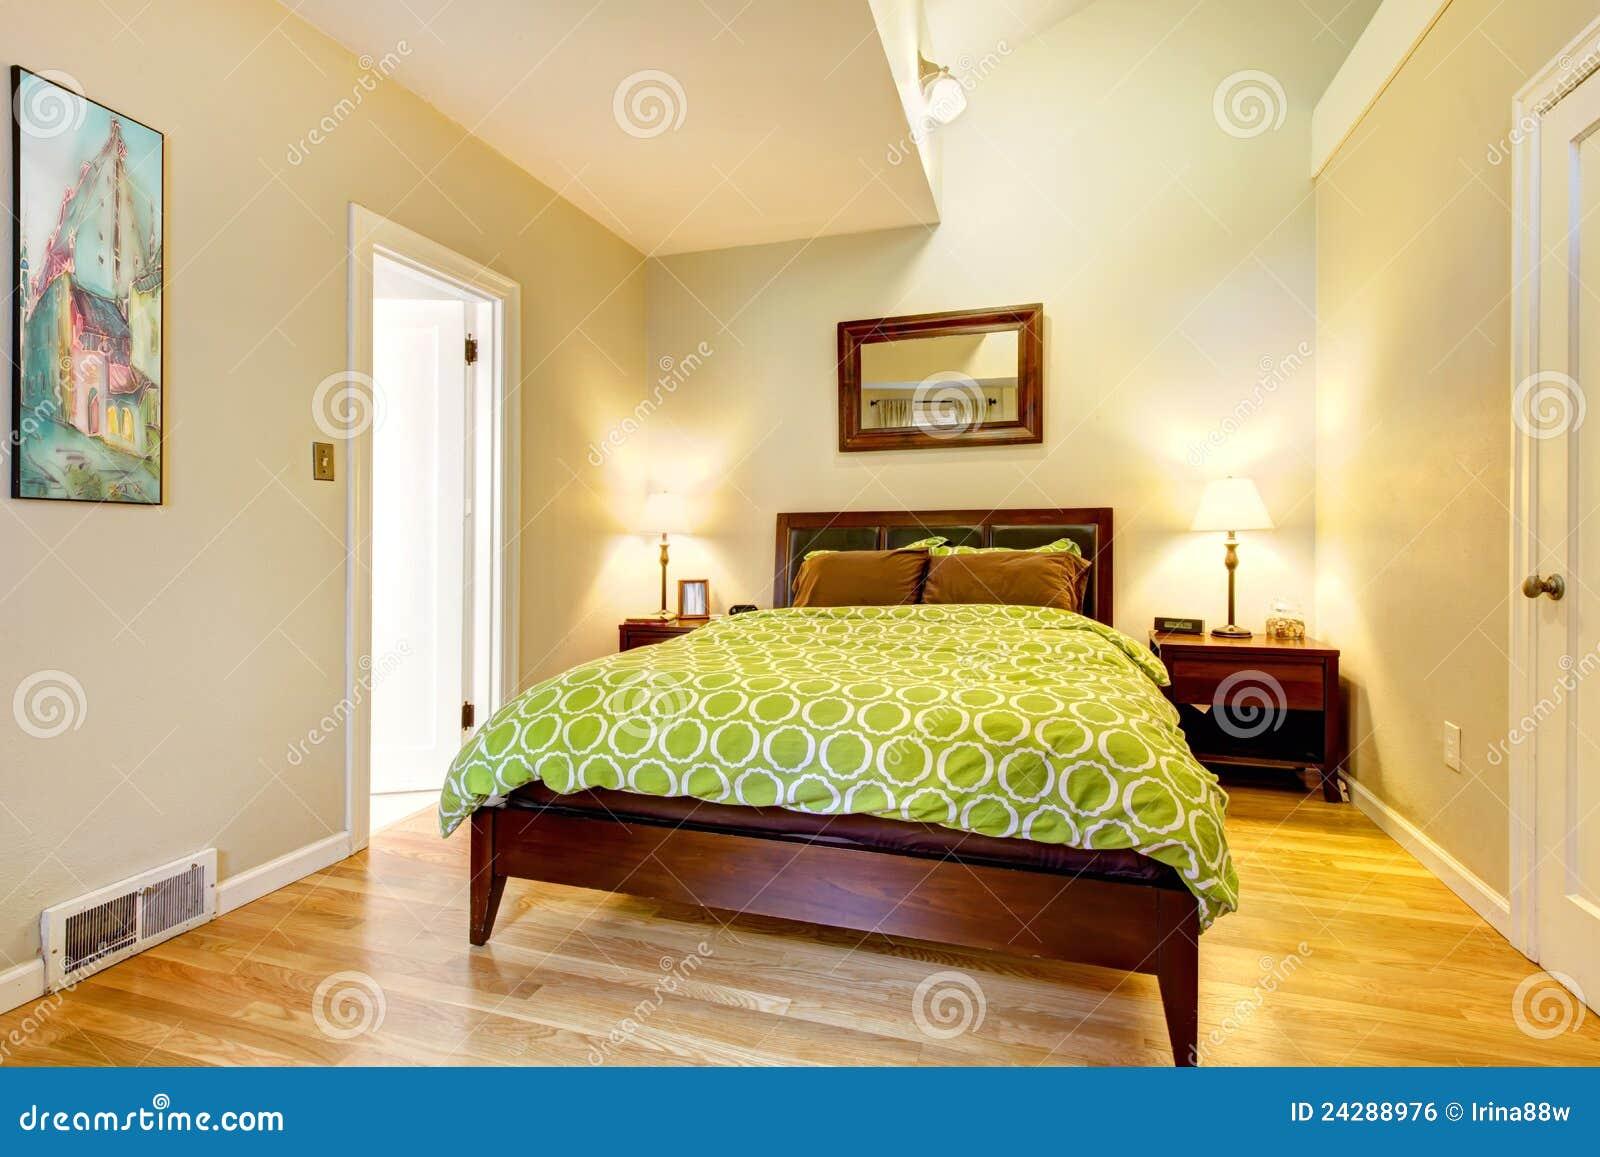 Camera da letto verde e beige moderna con la base marrone for Tende beige e marrone